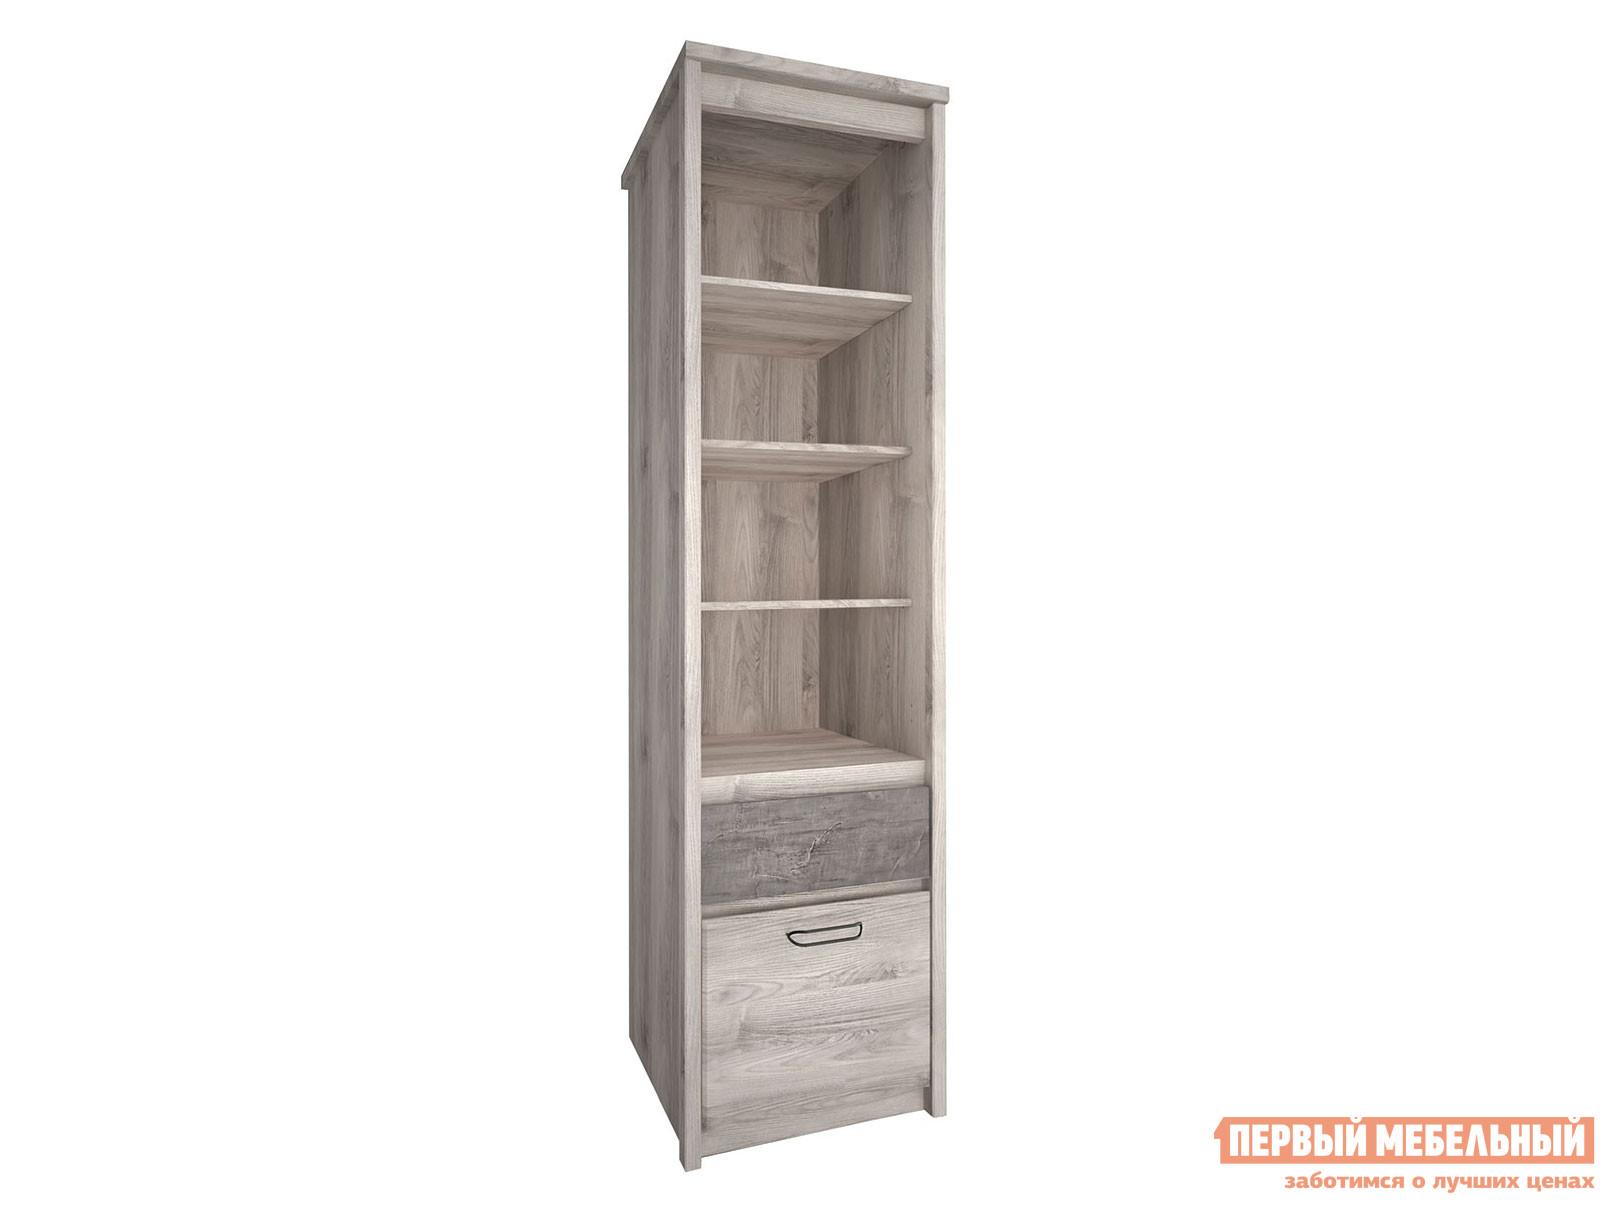 Стеллаж Первый Мебельный Шкаф открытый Джаз цена